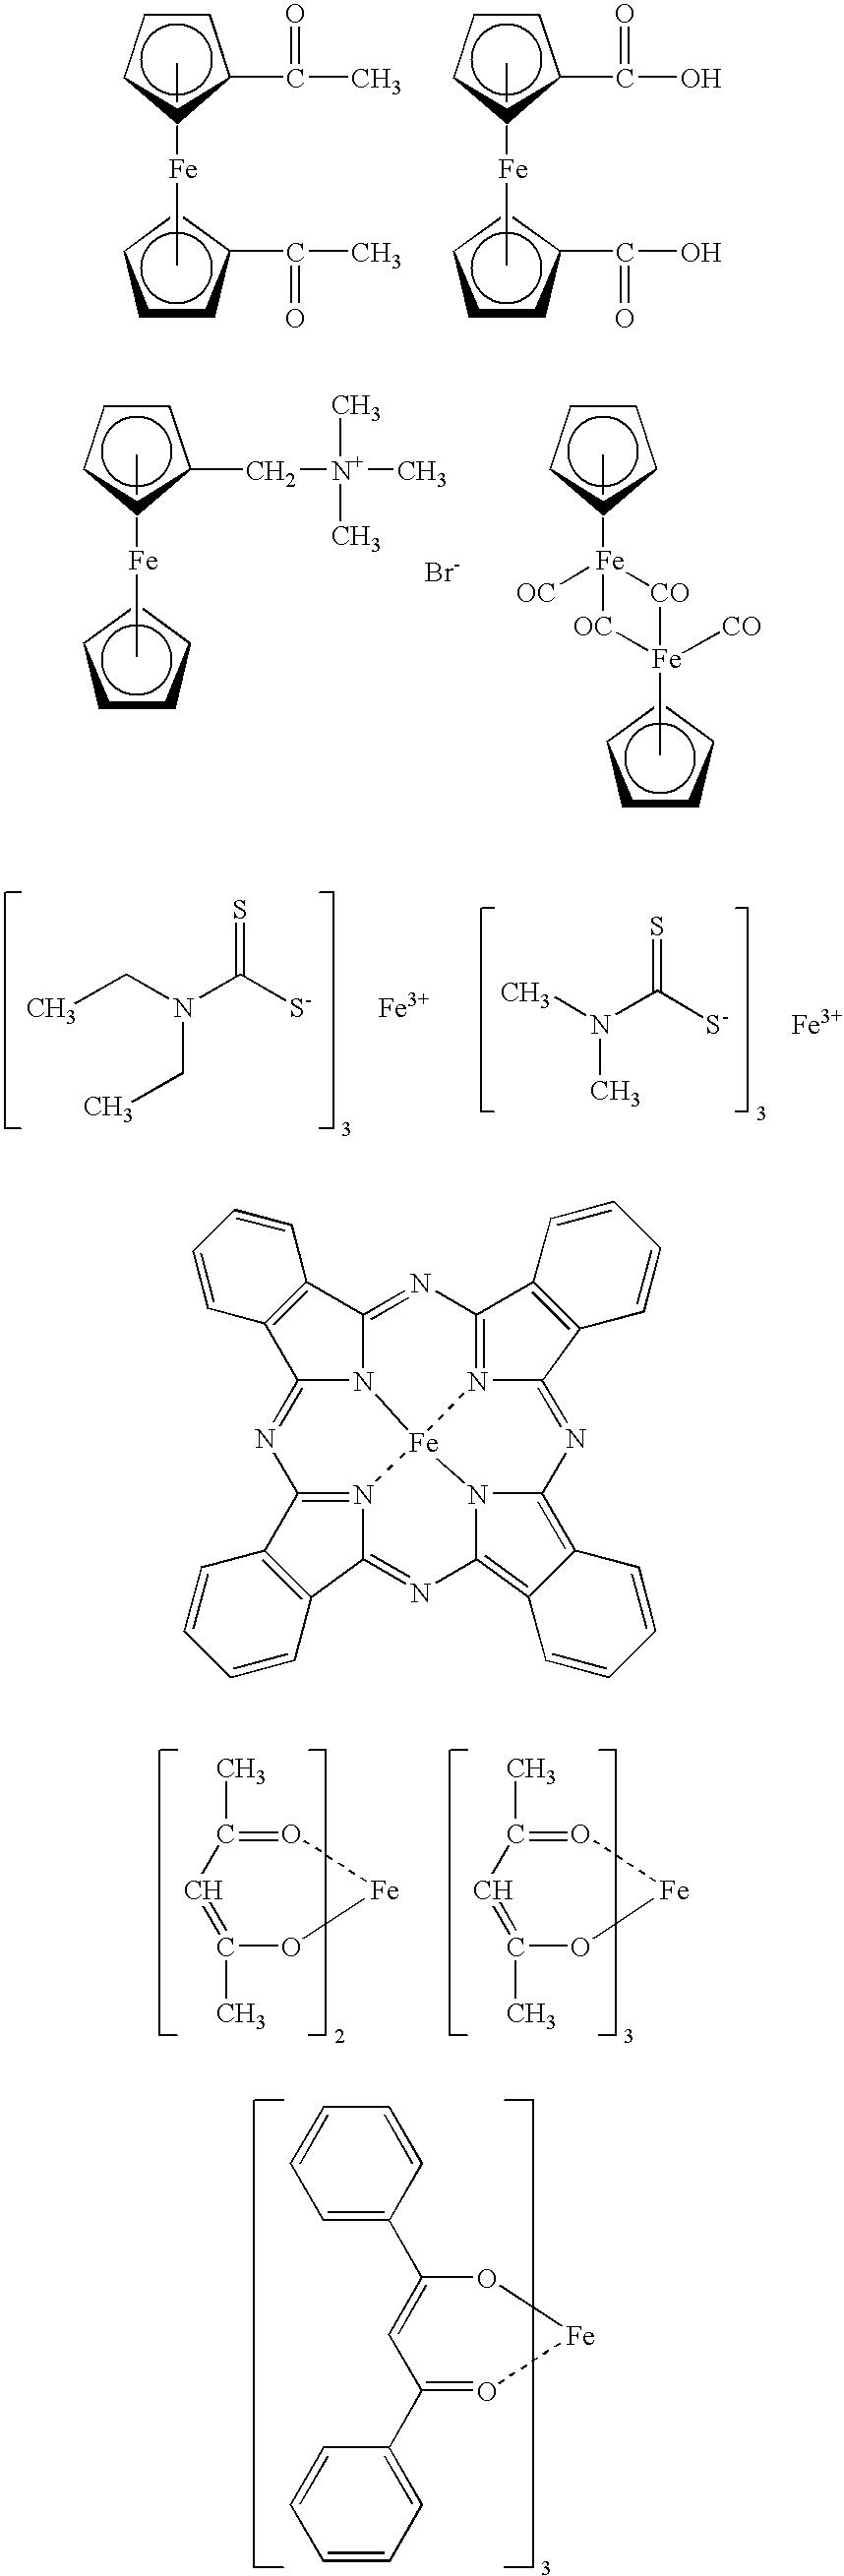 Figure US20090035673A1-20090205-C00015